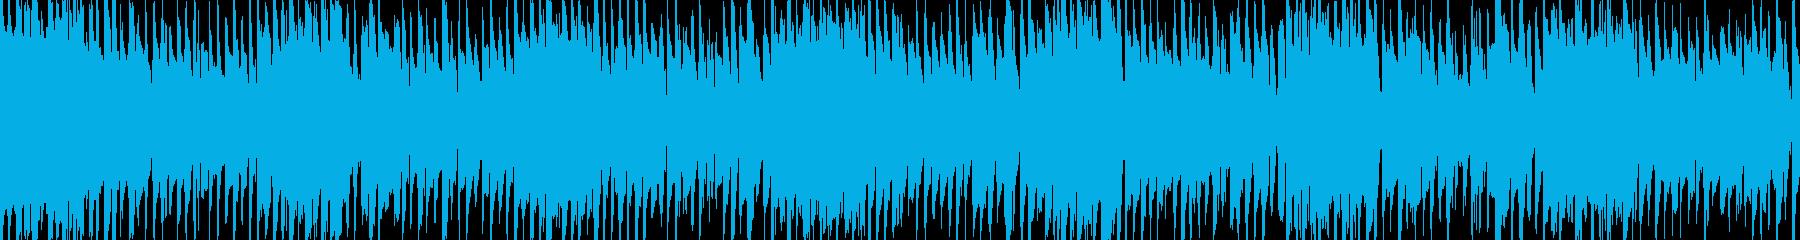 ワイドショーやニュースのBGMの再生済みの波形